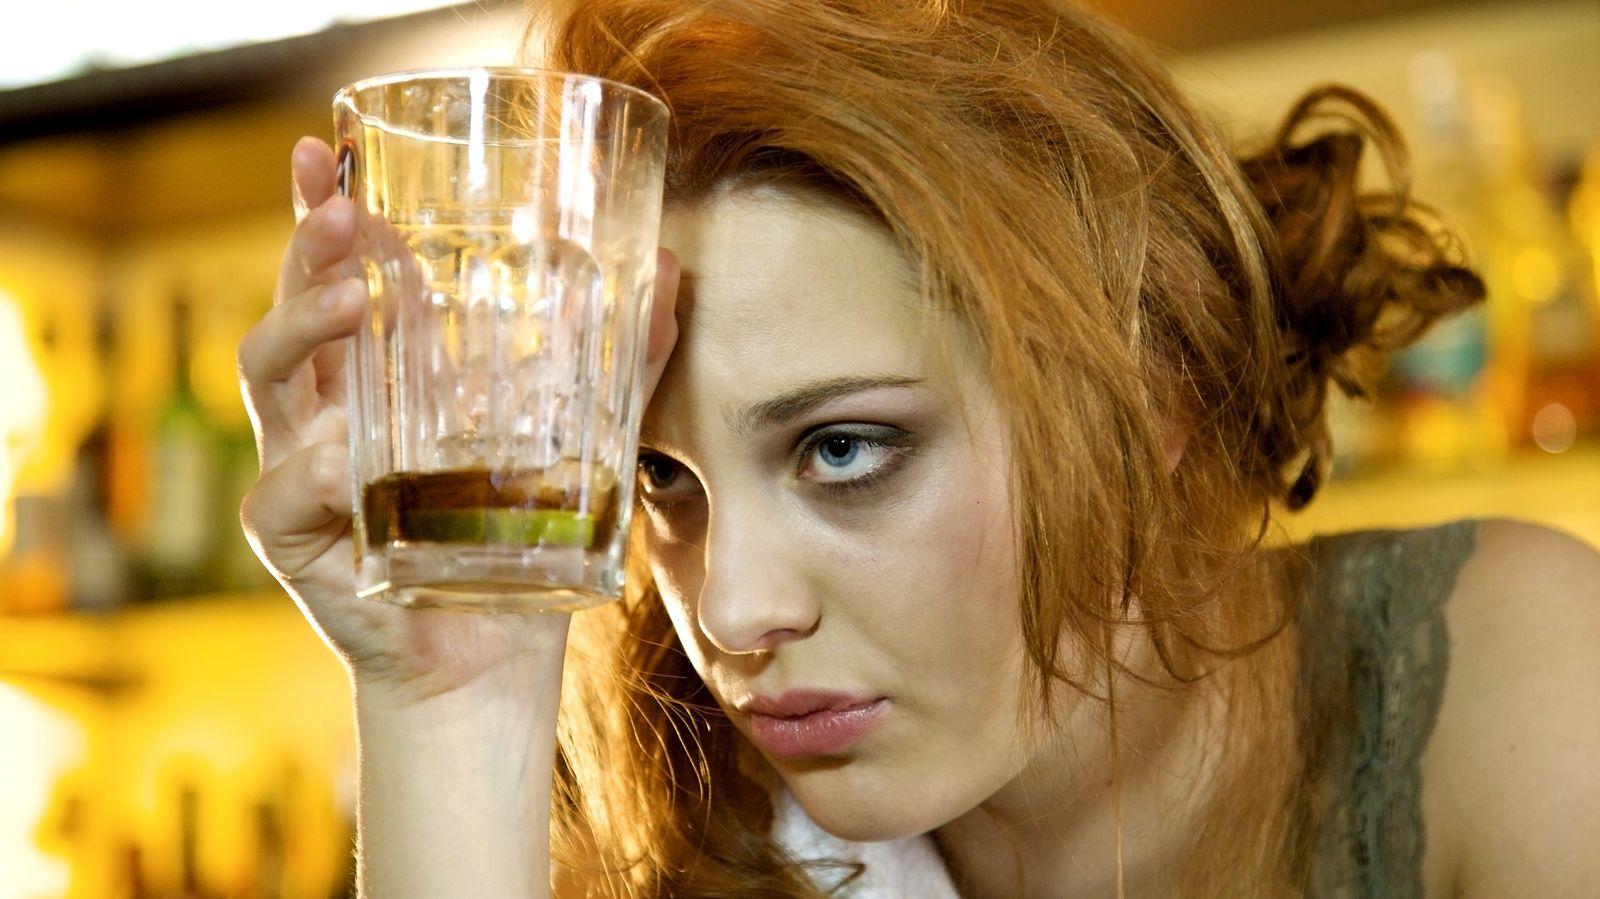 Foto: Beber bastante alcohol y mantenerse sobrio puede ser posible. Así puedes evitar sentirte borracho. (iStock)